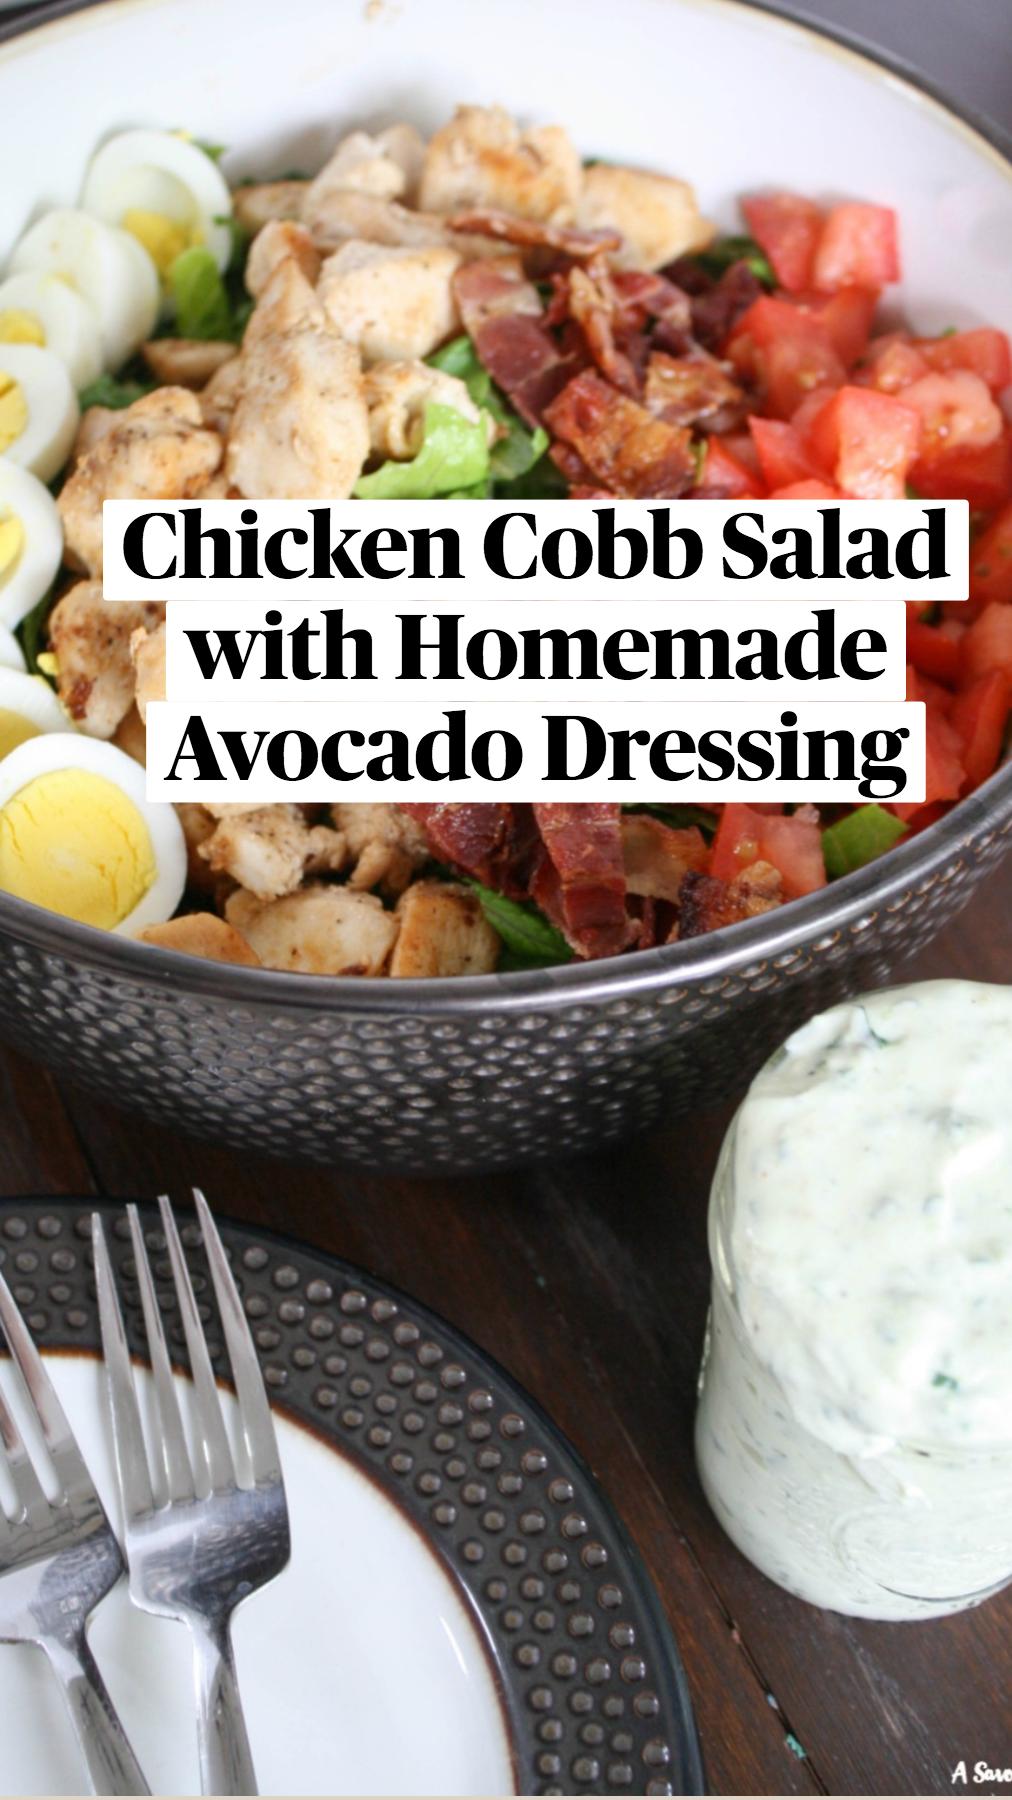 Chicken Cobb Salad with Homemade Avocado Dressing